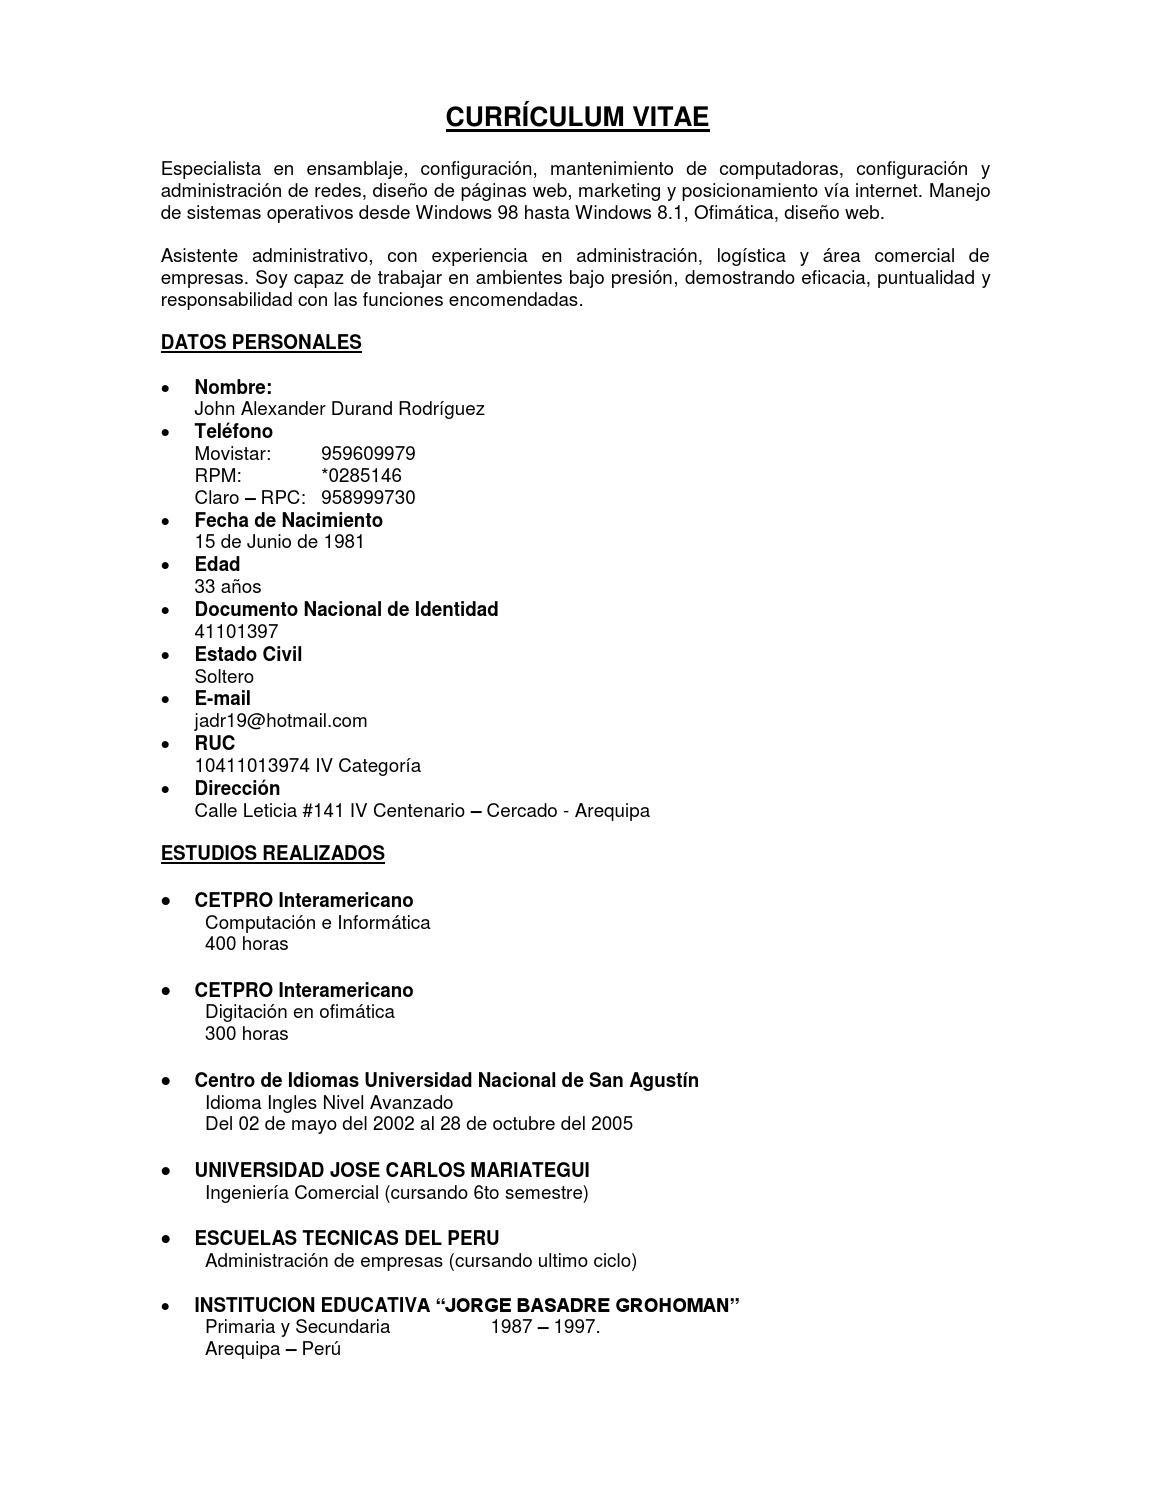 Curriculum Vitae John Durand Rodriguez By John Durand Issuu